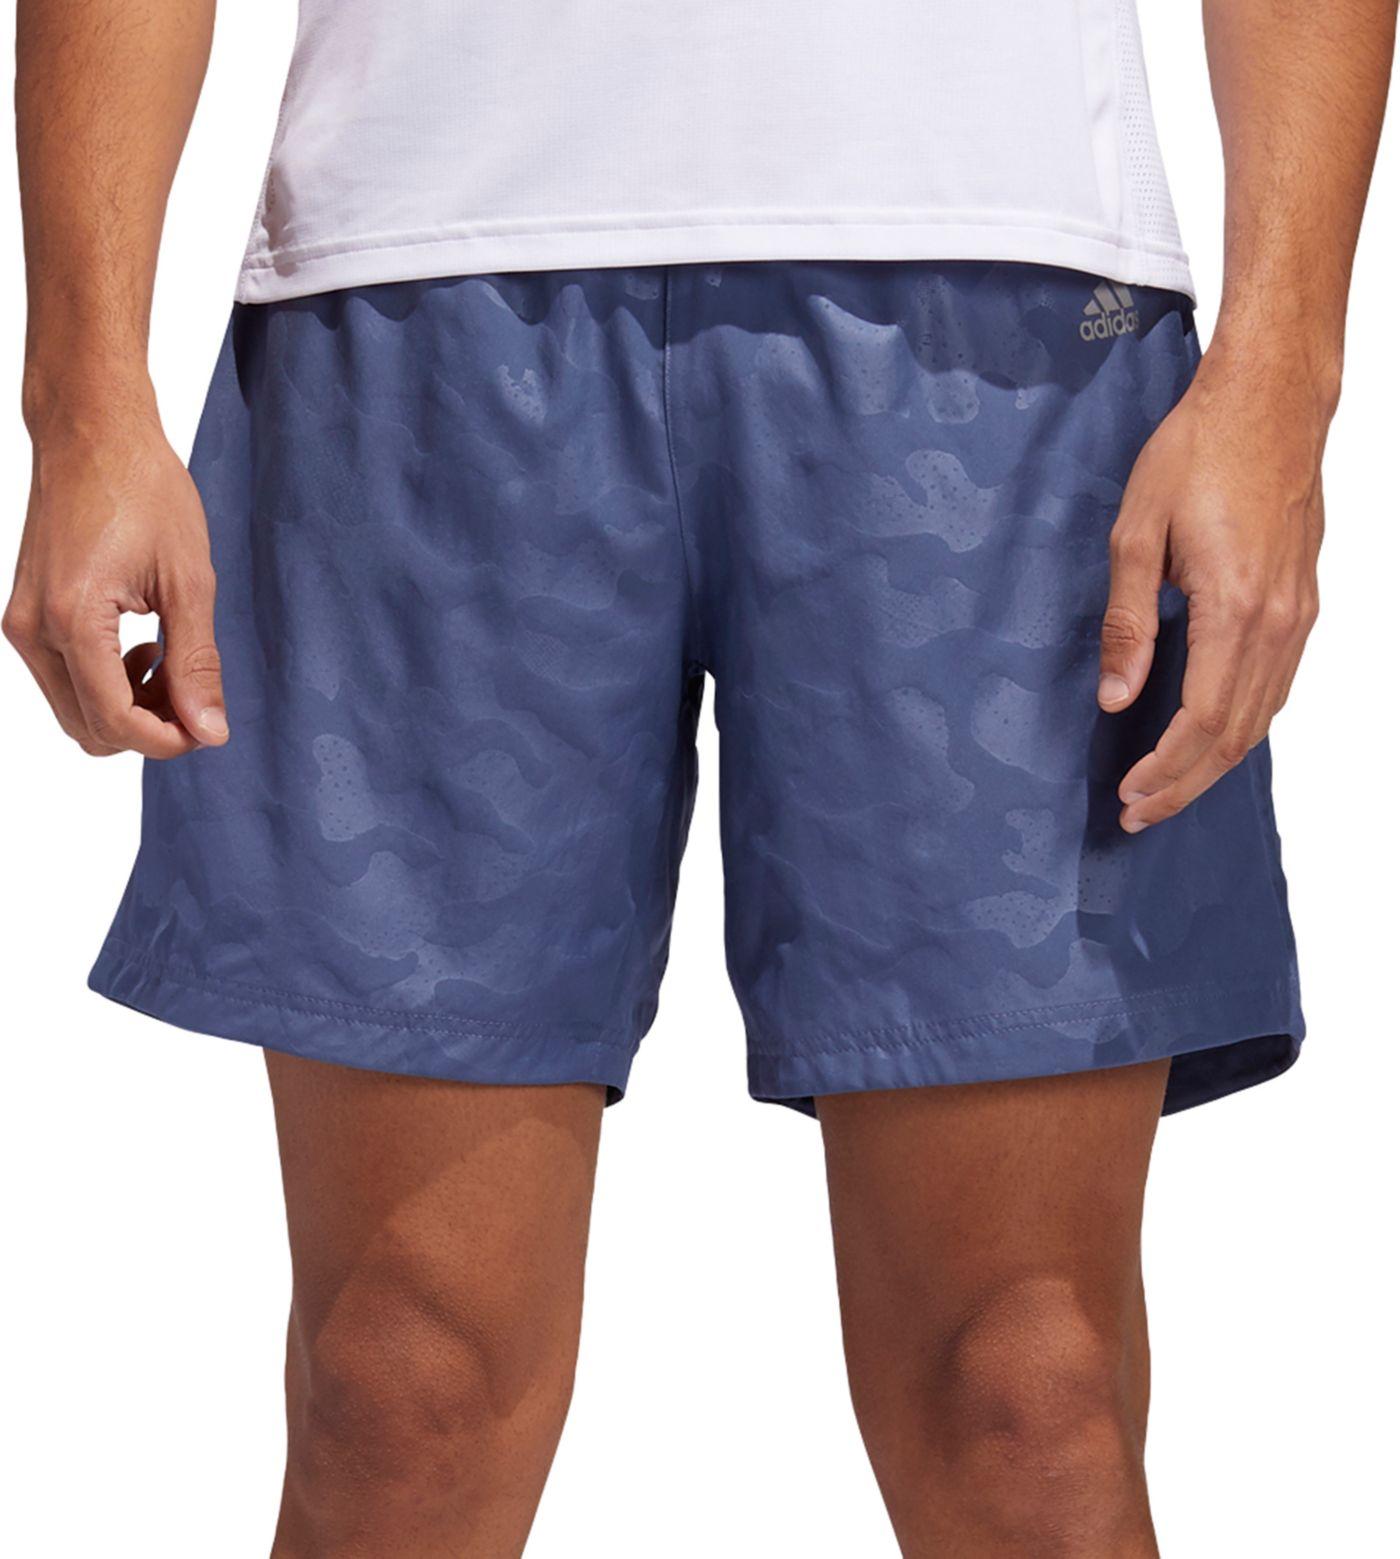 adidas Men's Run It Urban Camo 9'' Shorts